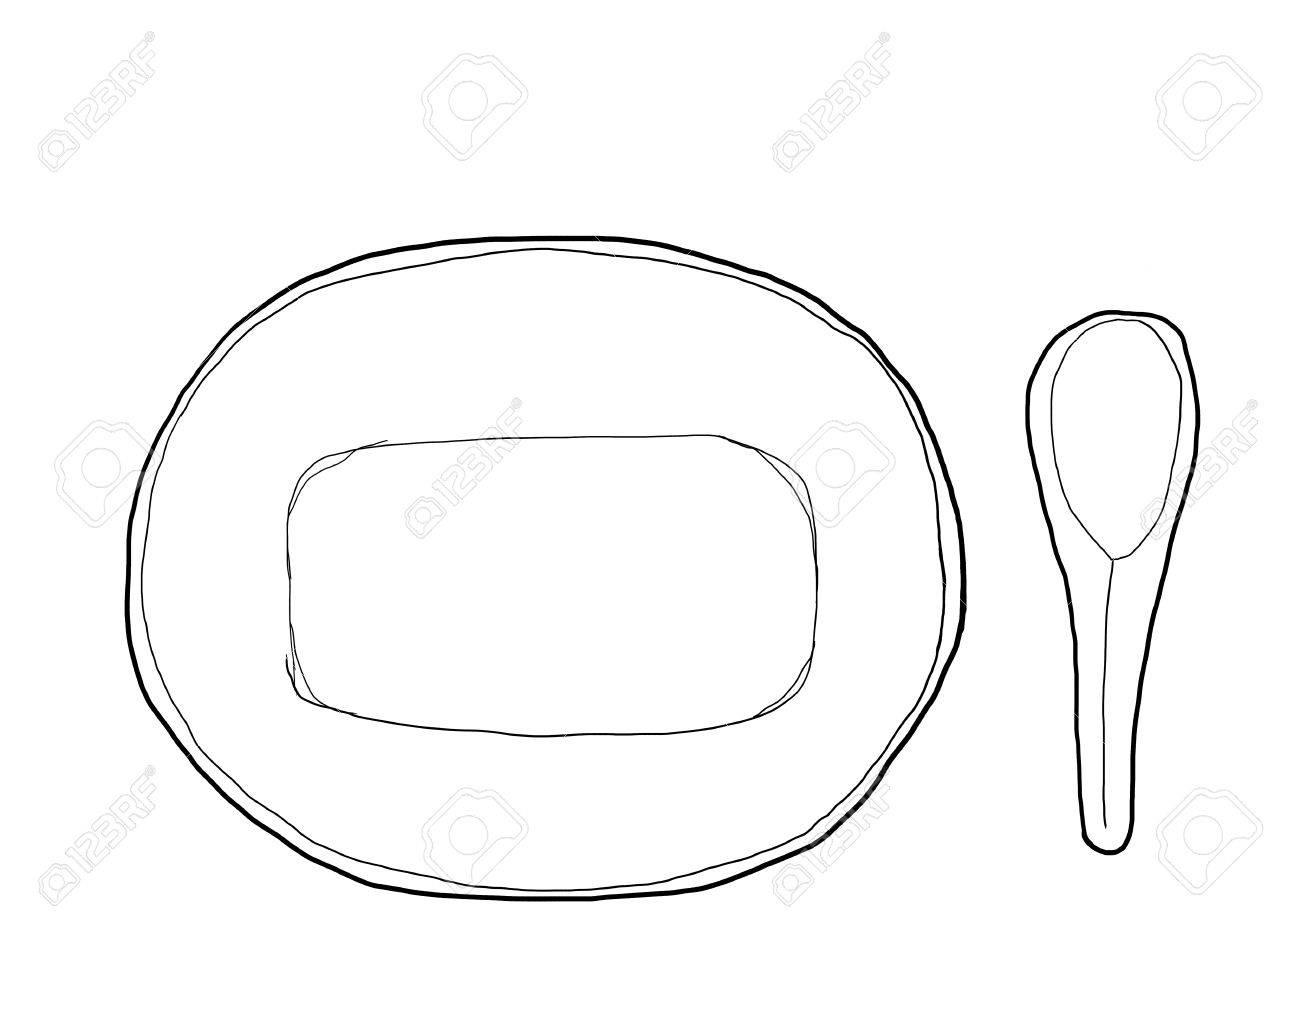 ボウルと亜鉛のスプーン ヴィンテージ手描きかわいいライン アート